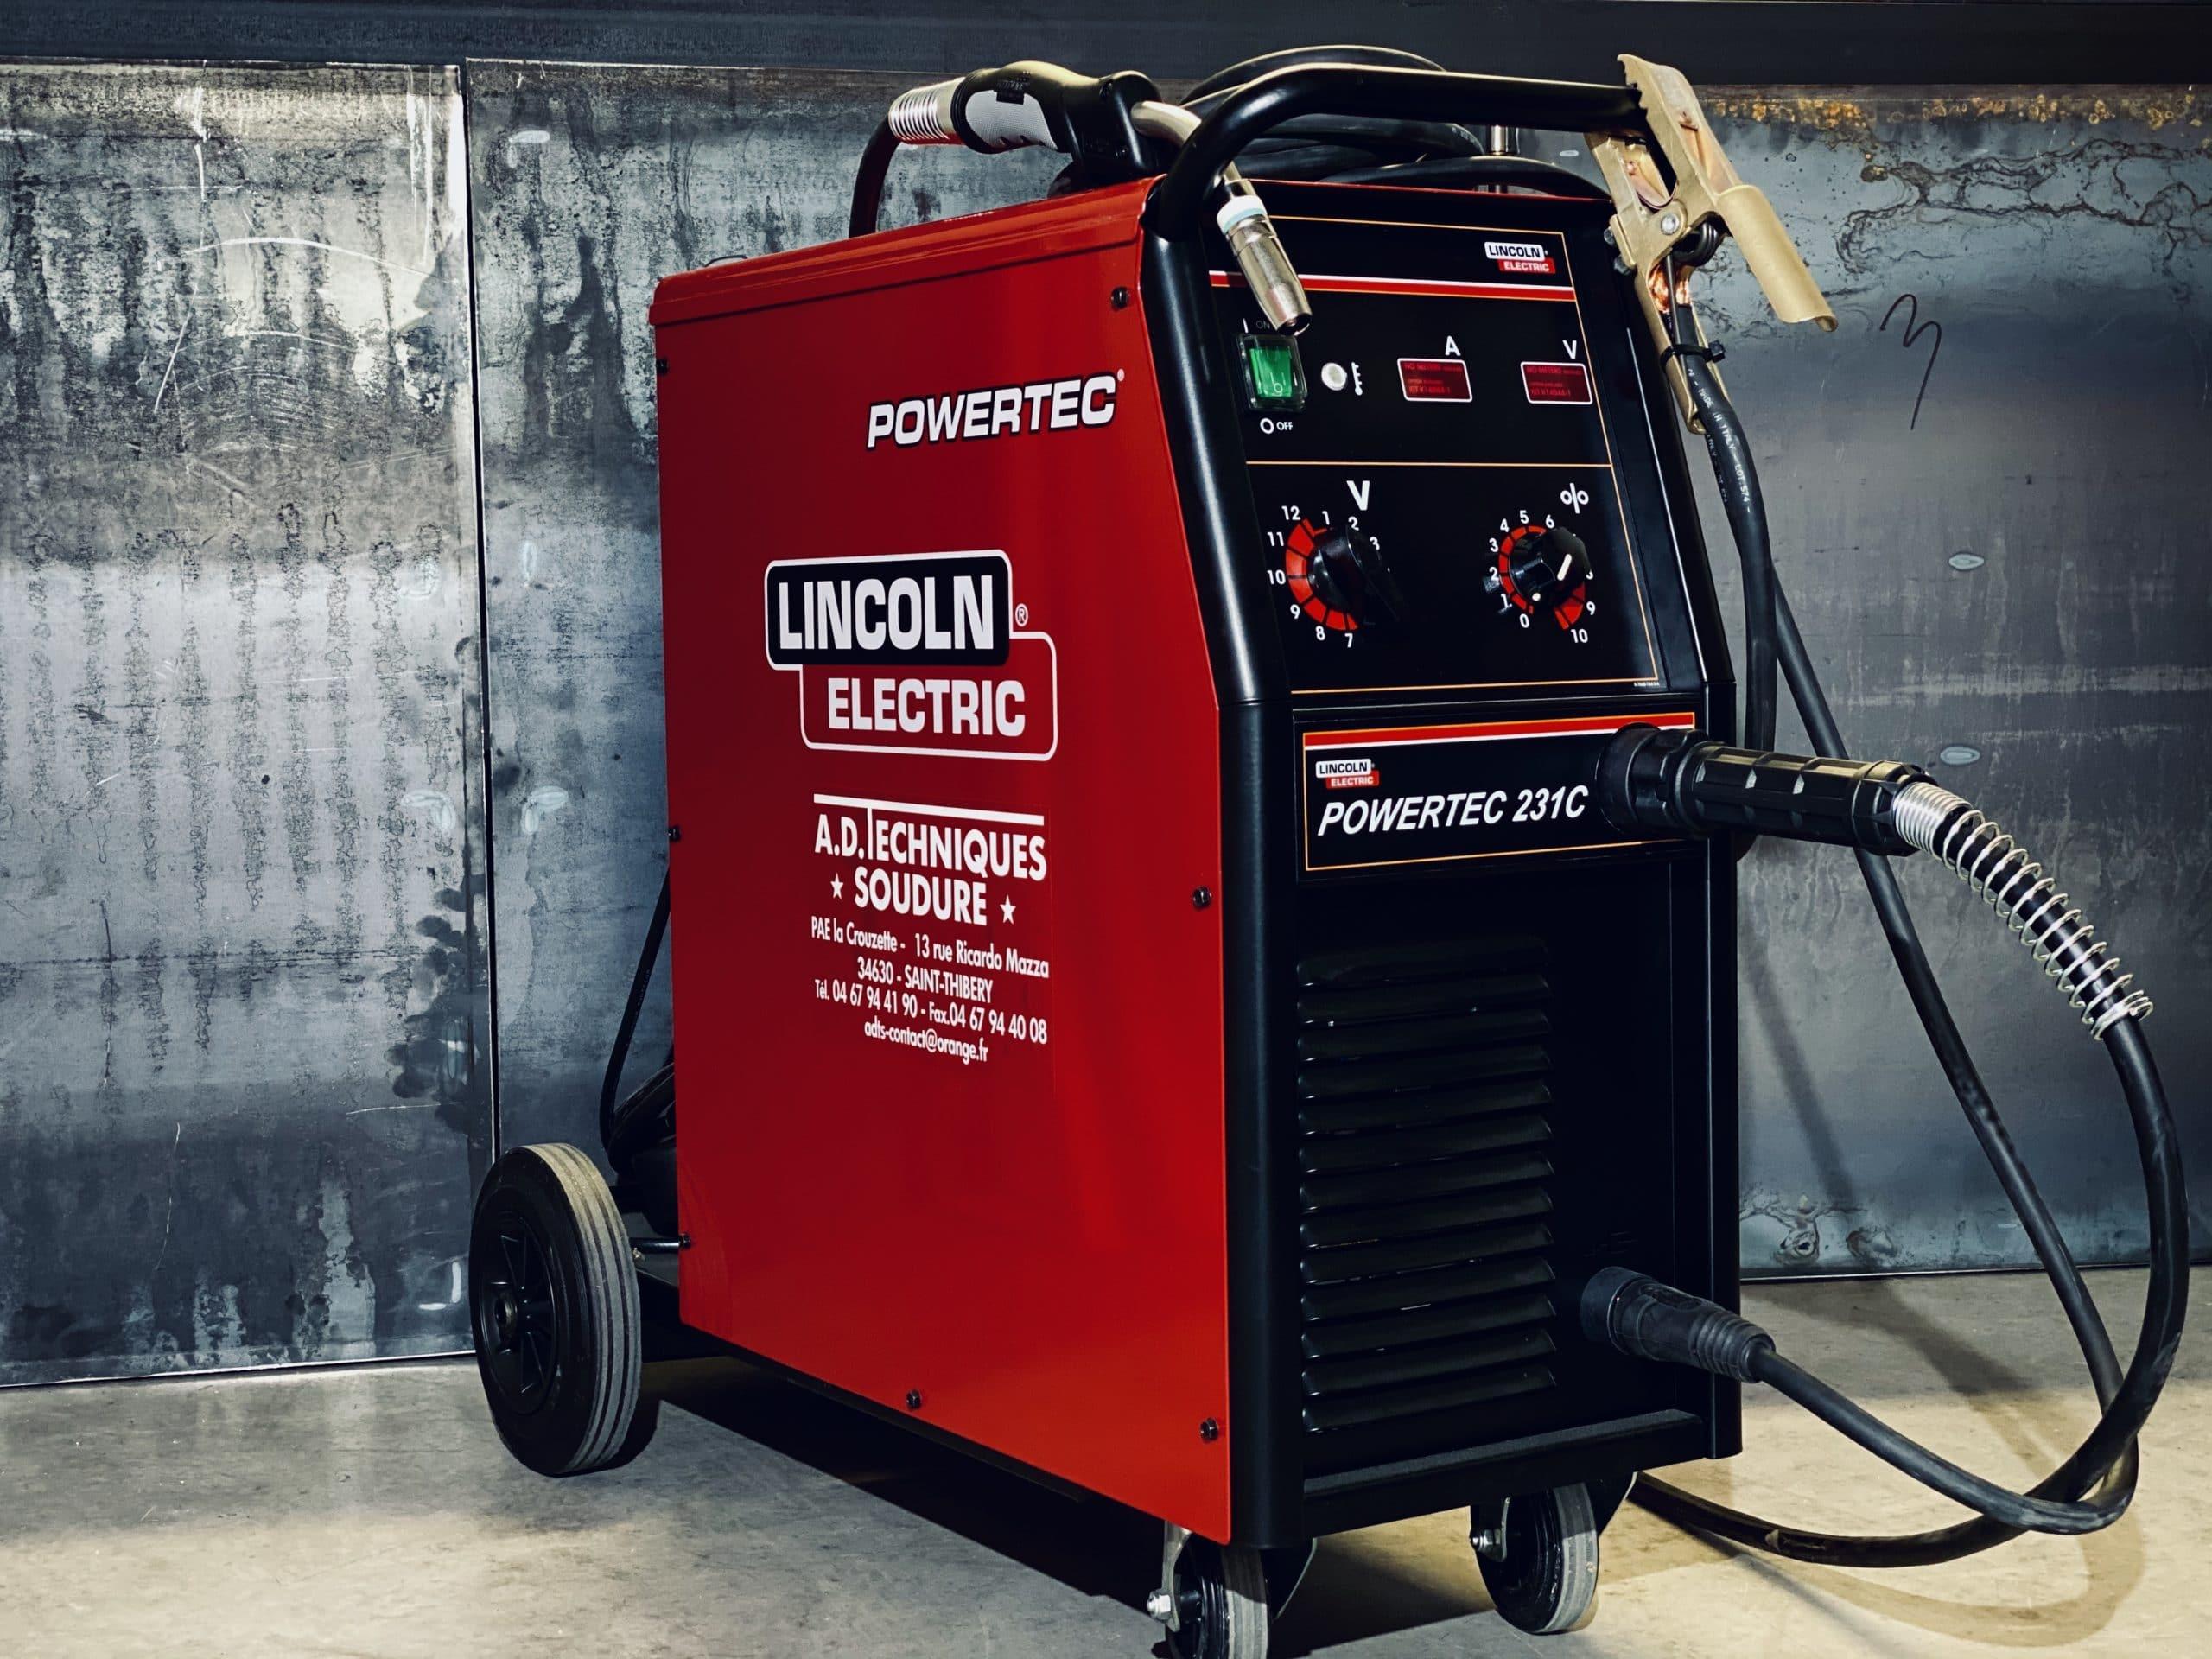 Location poste à souder Lincoln Electric powered 231C pour soudure MIG-MAG